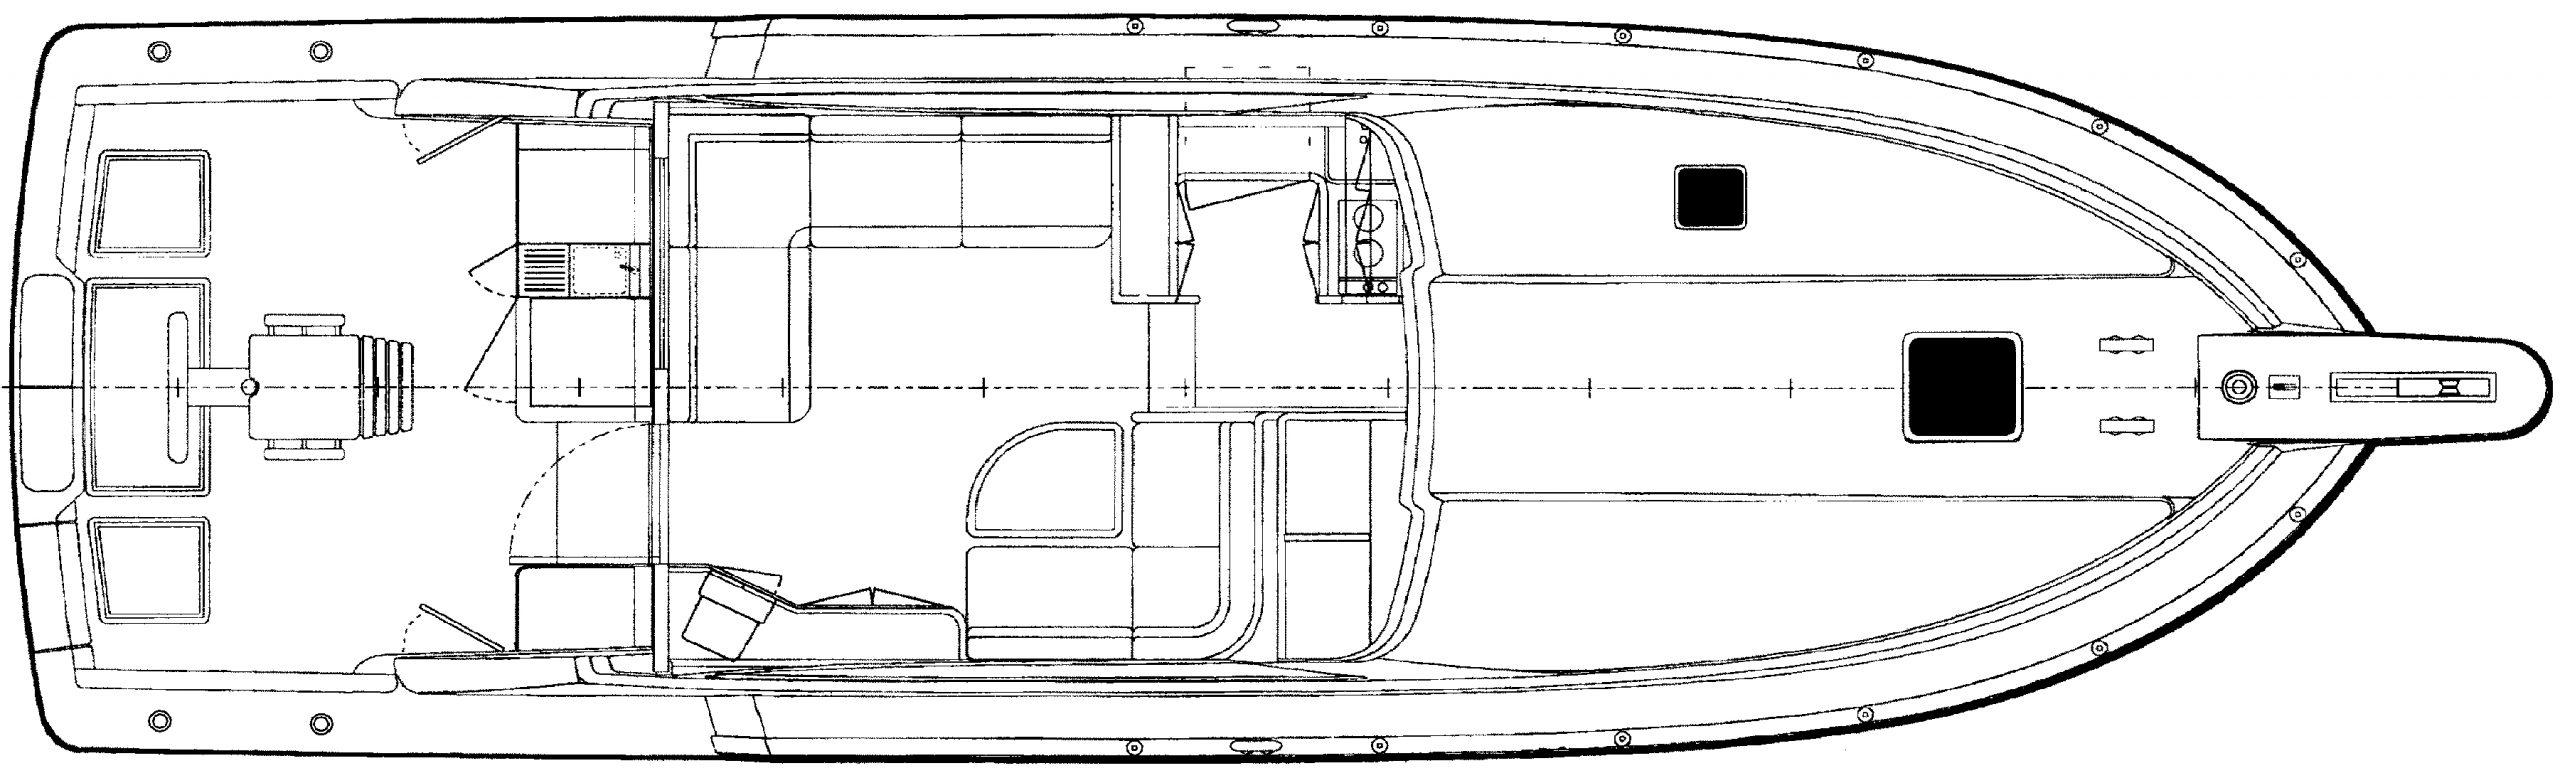 390 Convertible Floor Plan 2